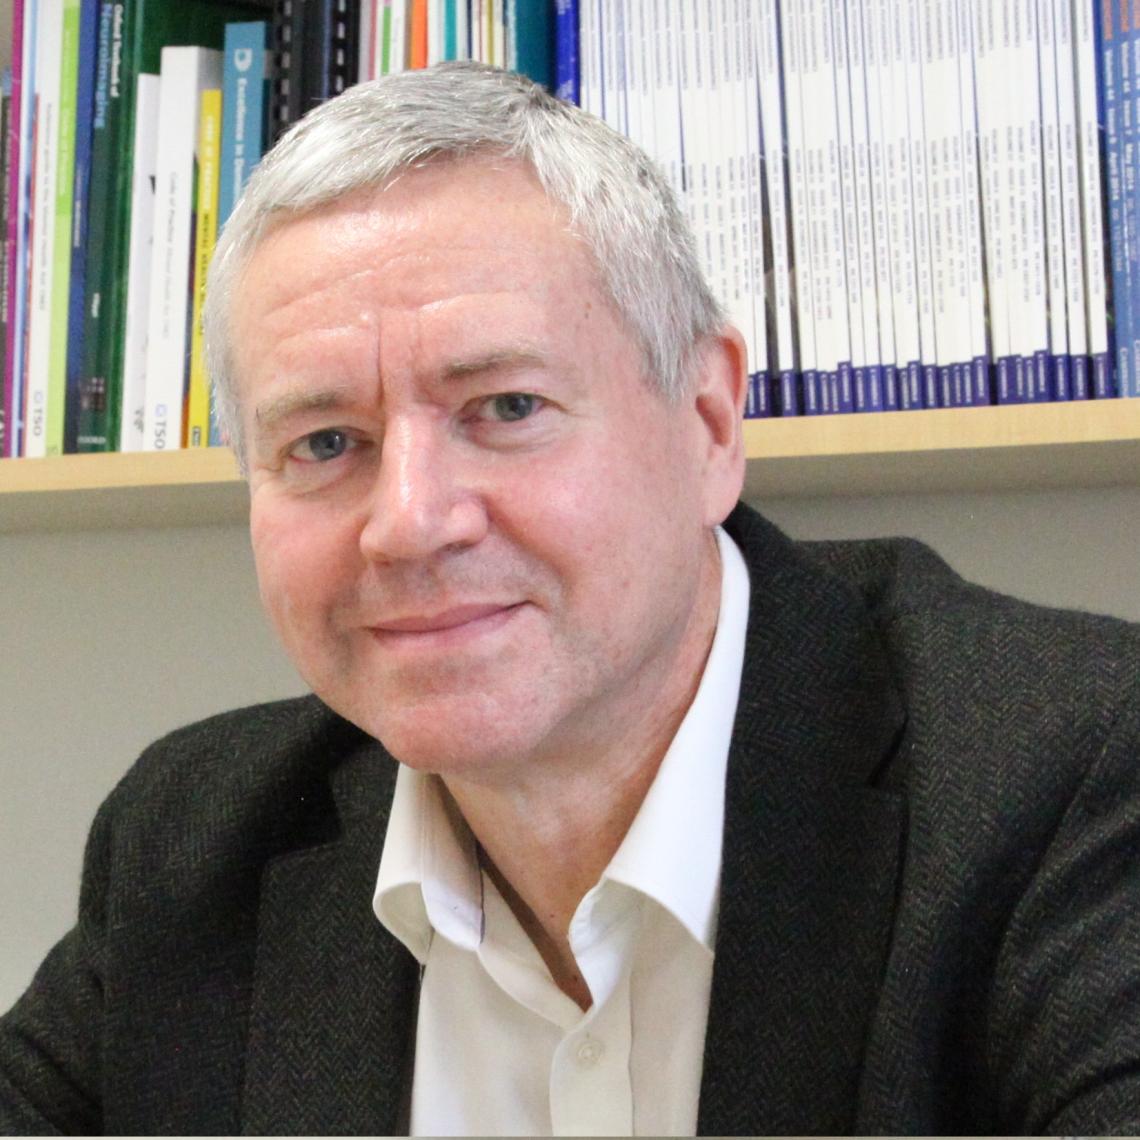 A photograph of John O'Brien.